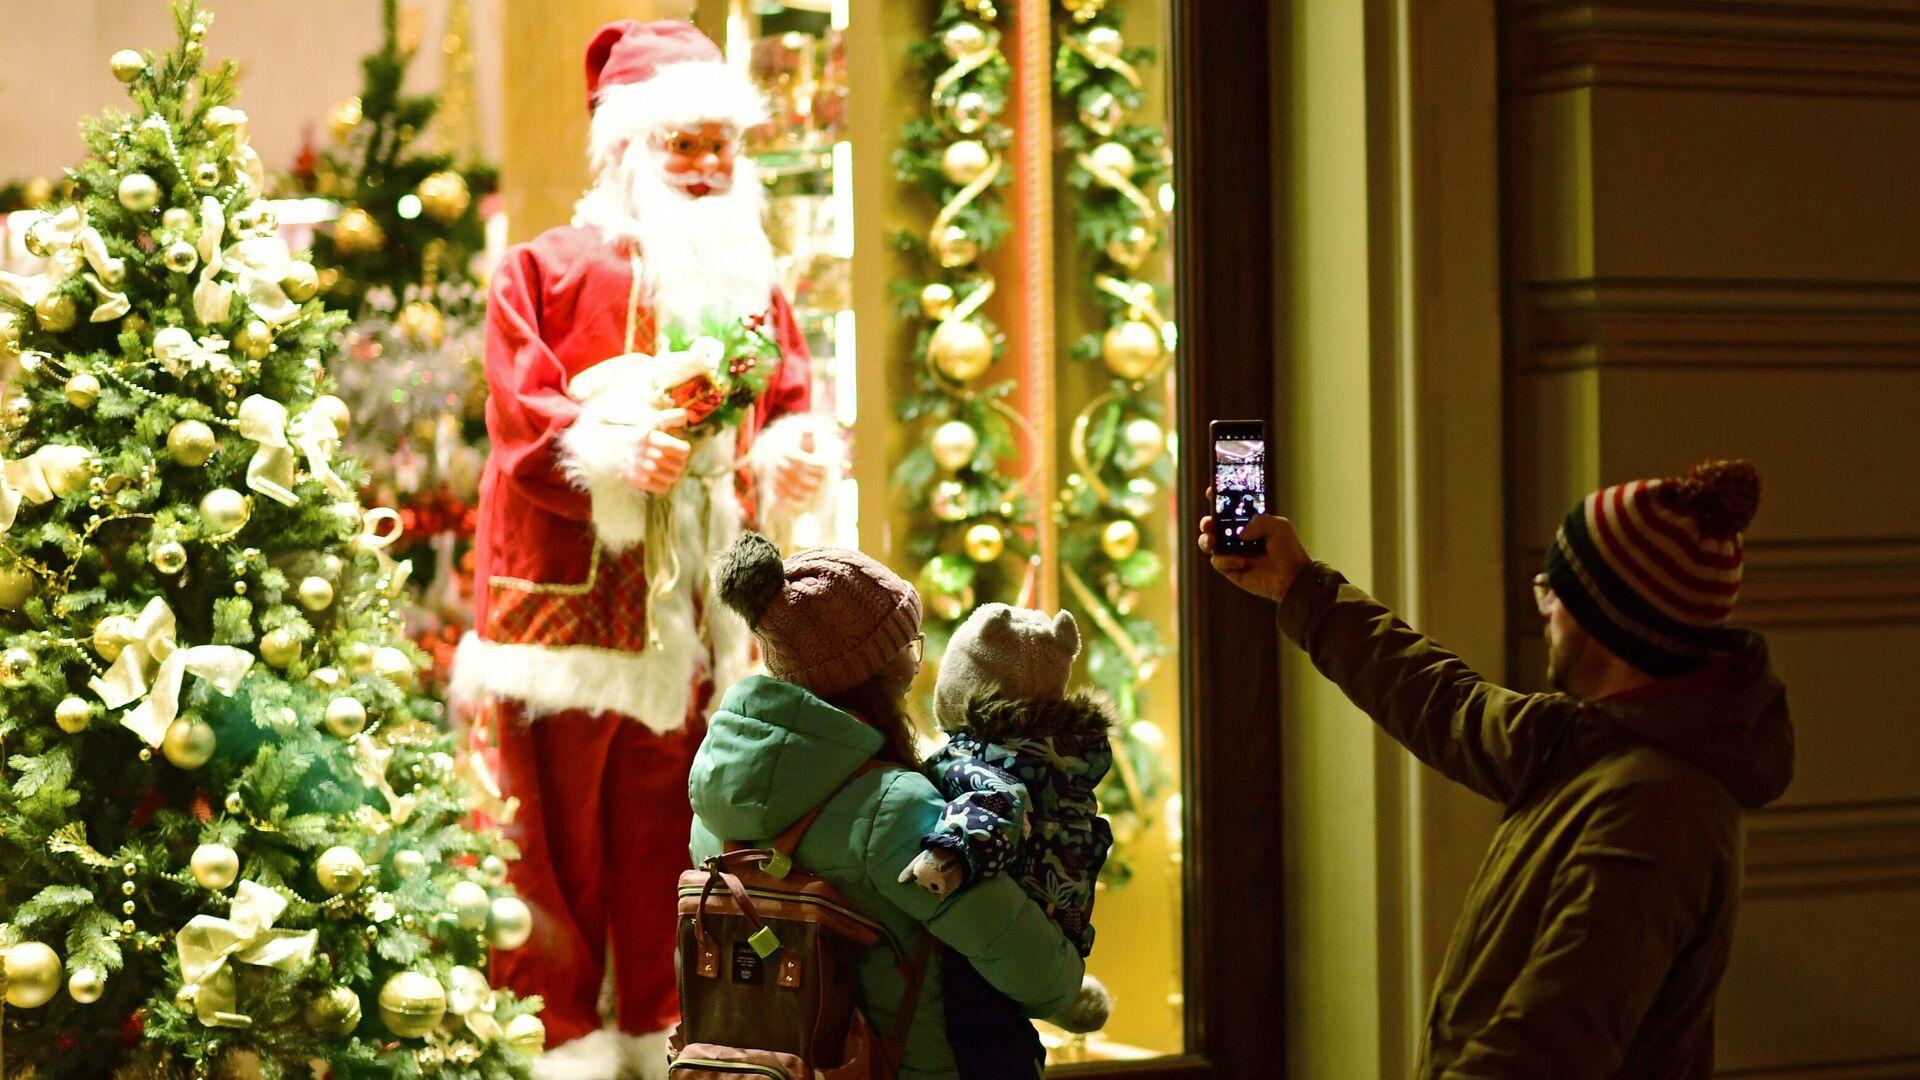 Прохожие фотографируют Санта Клауса в витрине на Никольской улице в Москве - РИА Новости, 1920, 14.11.2020